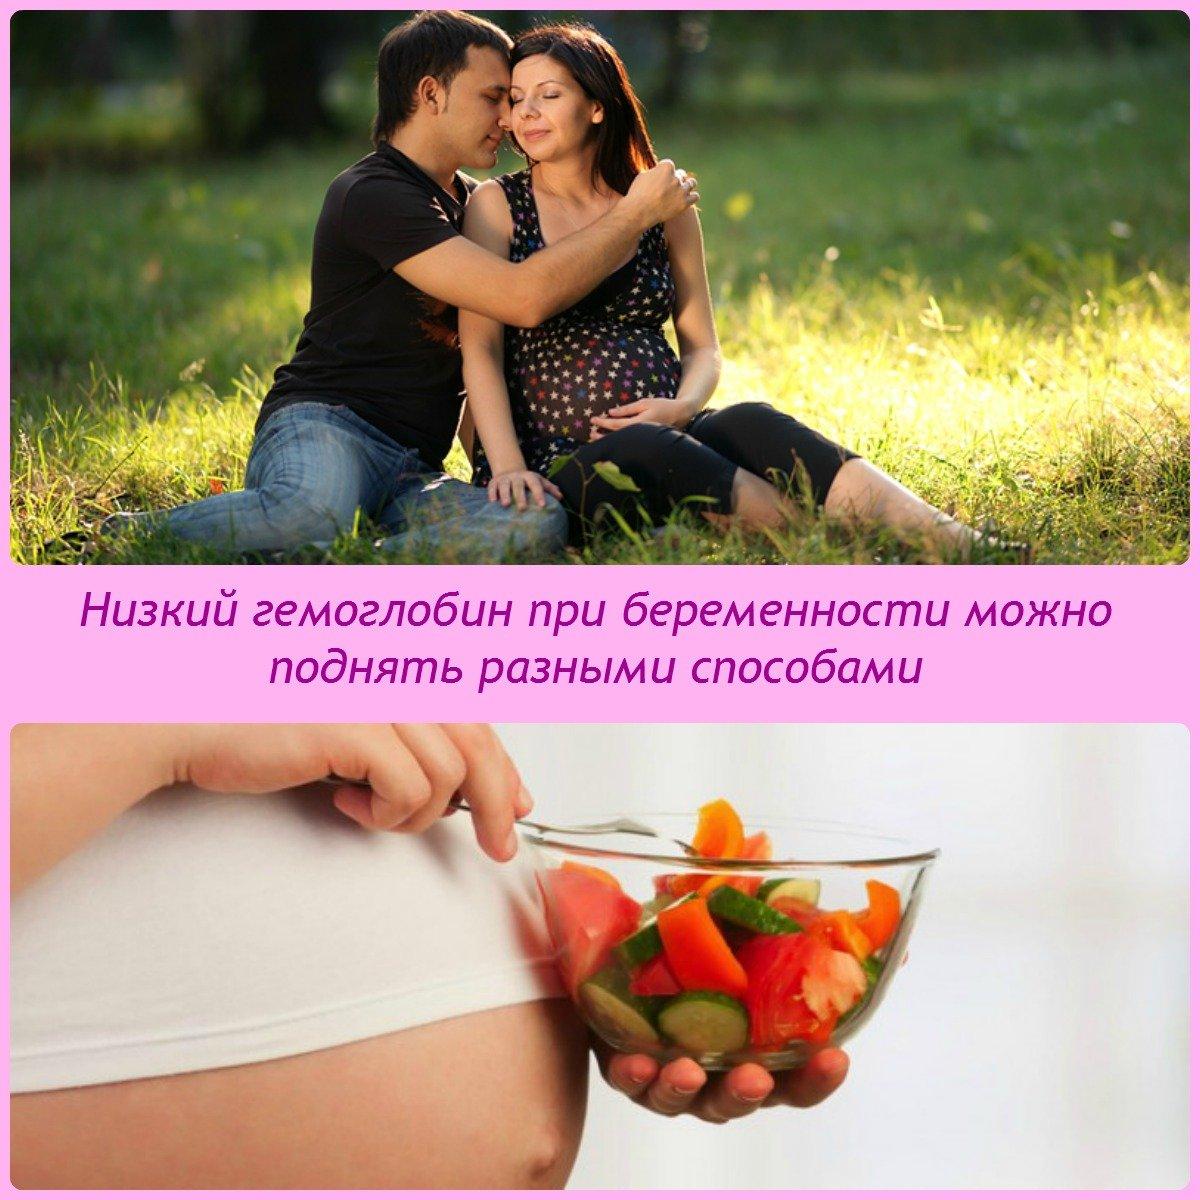 Как поднять гемоглобин в домашних условиях у беременных 42